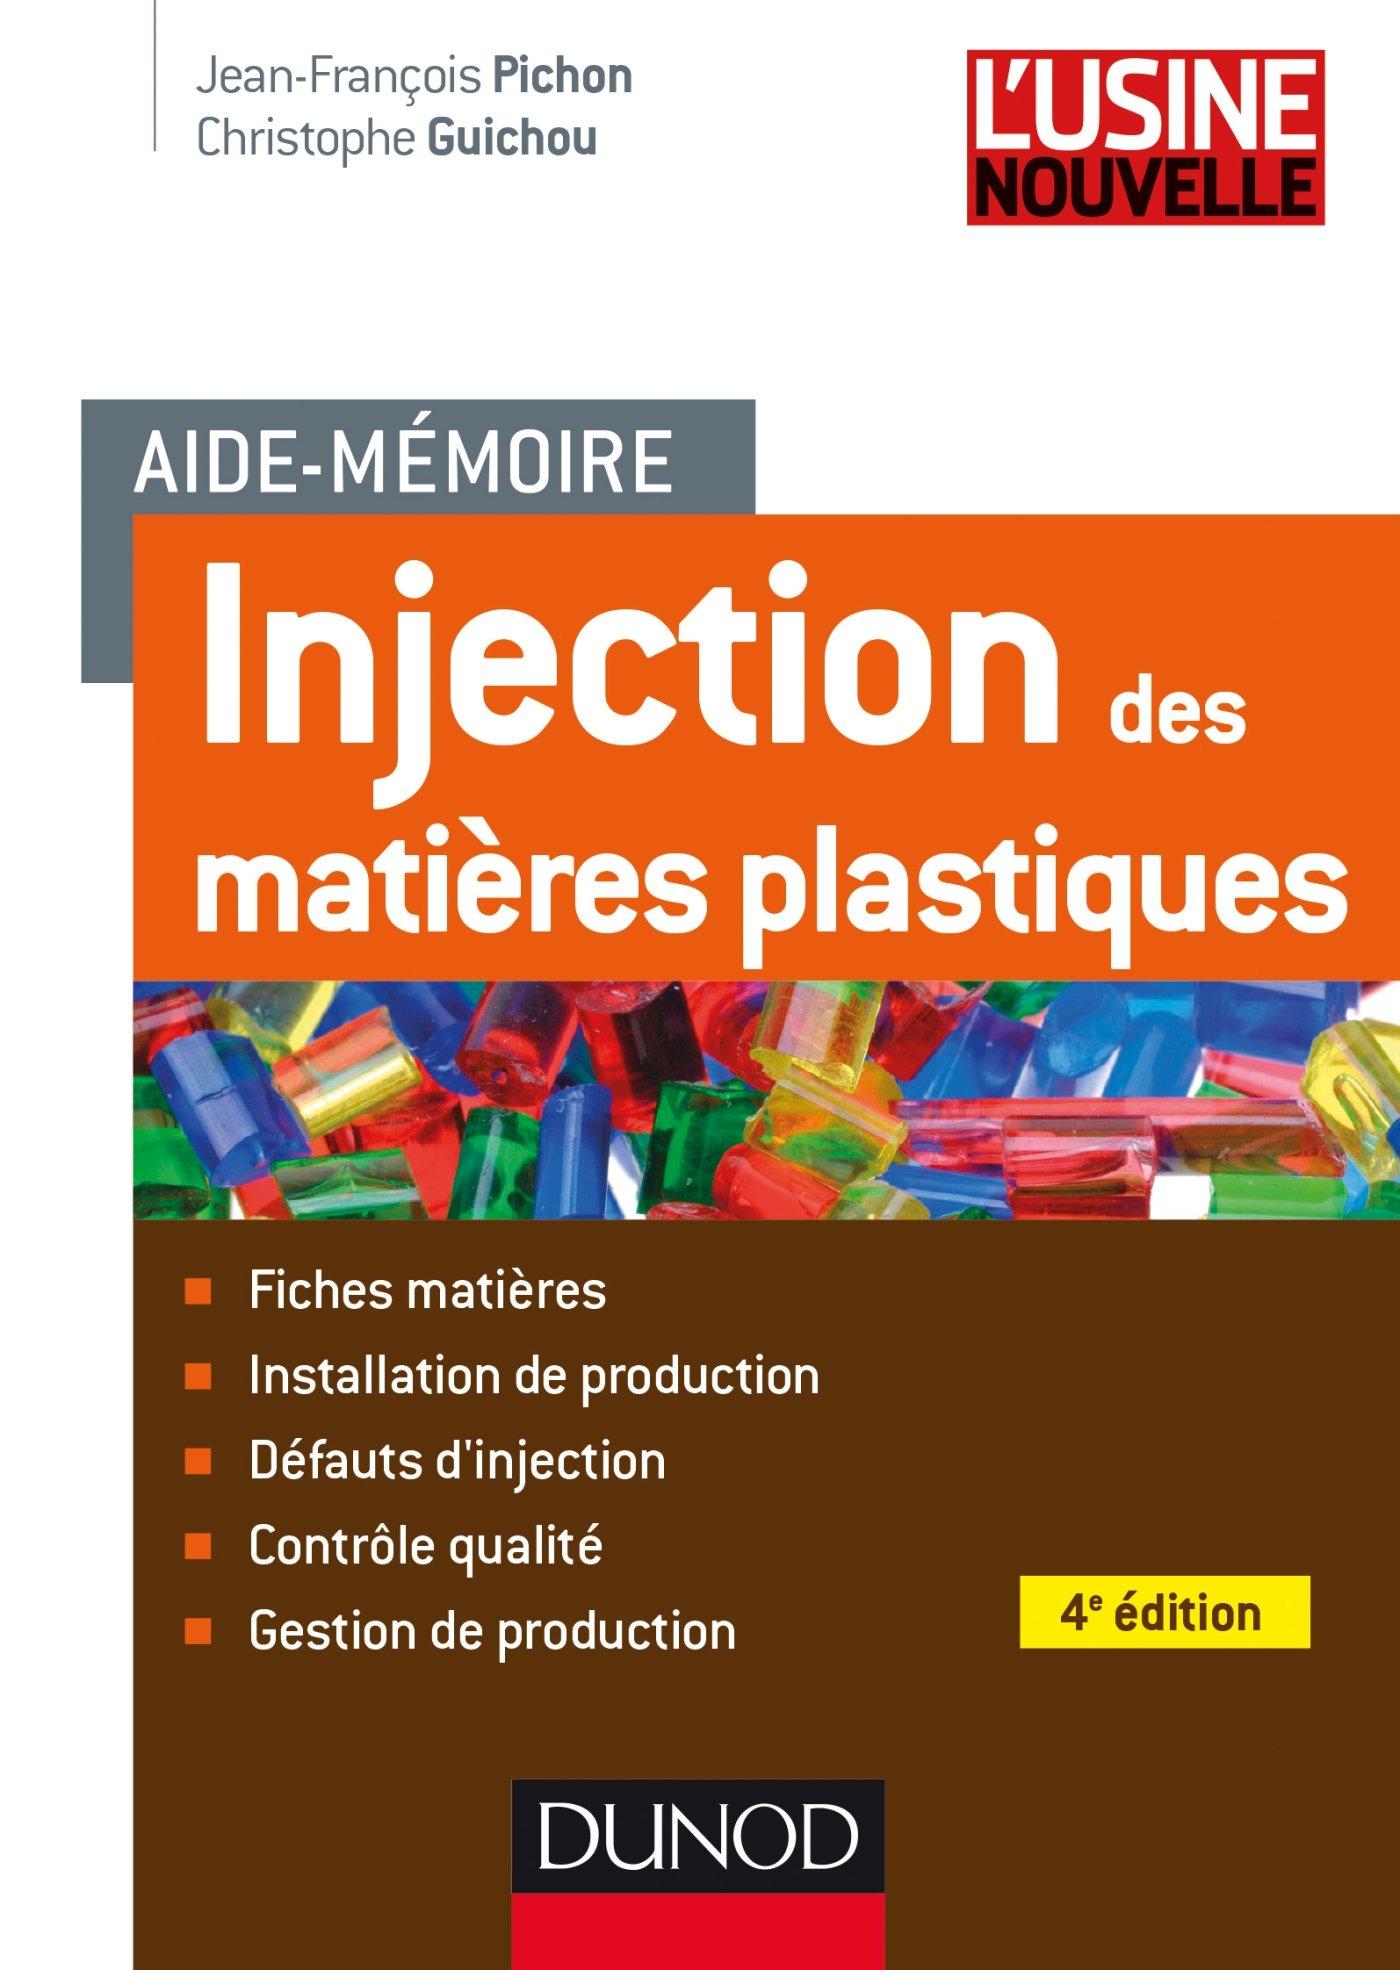 amazon fr aide memoire injection des matieres plastiques 4e edition fiches matieres installation de prod fiches matieres installation de